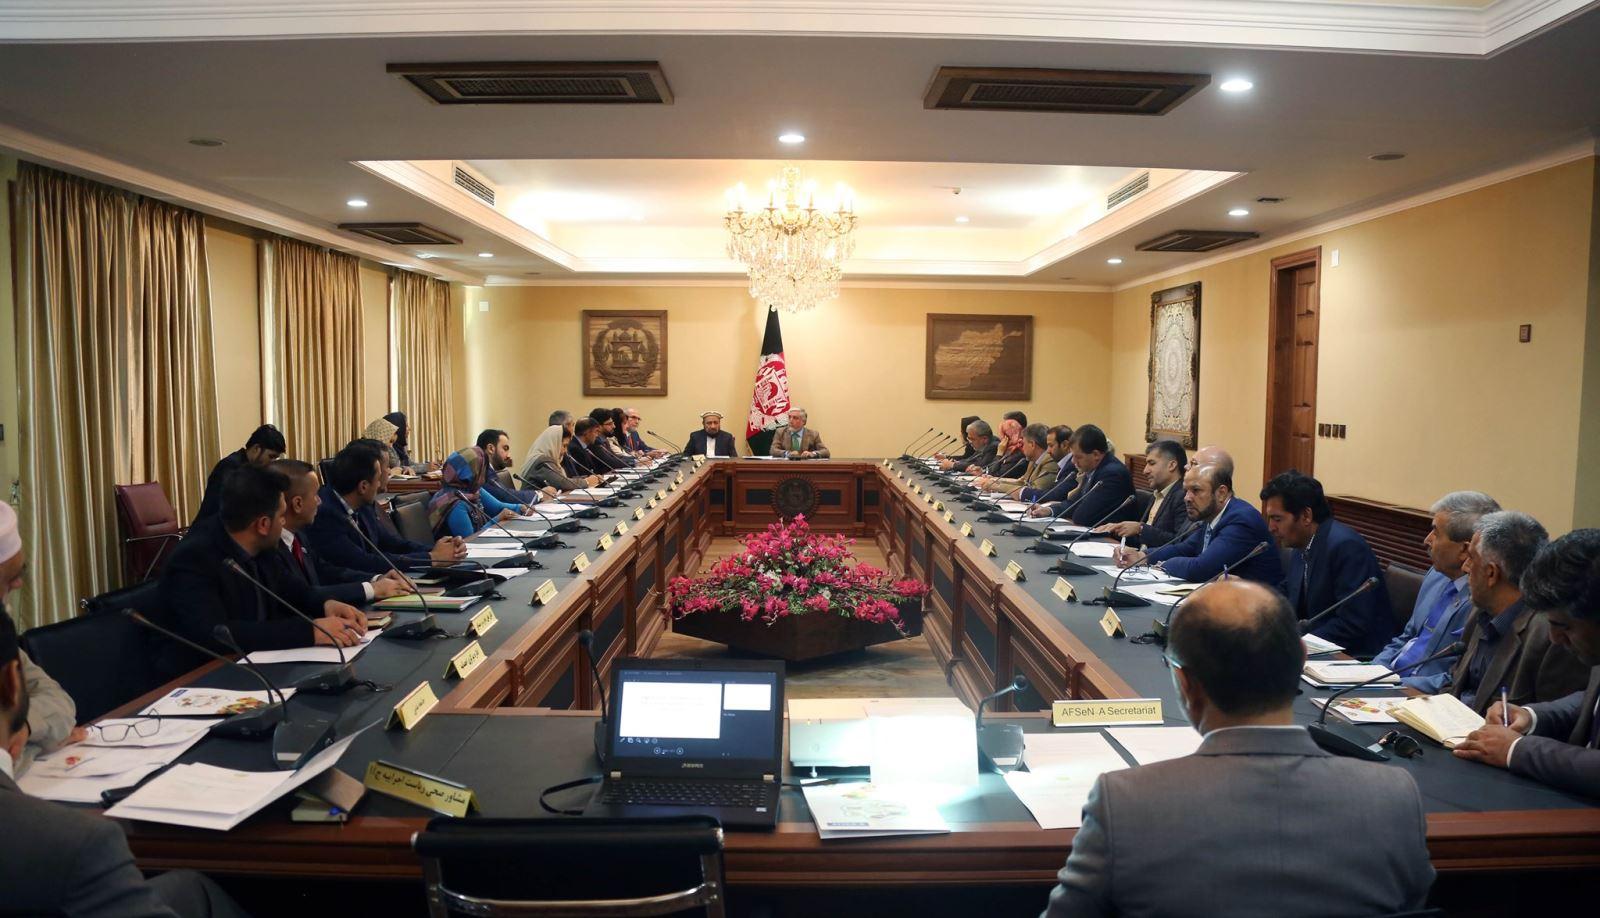 جلسه اجرائیوی مصئونیت غذایی شورای وزیران در قصر سپیدار برگزار شد